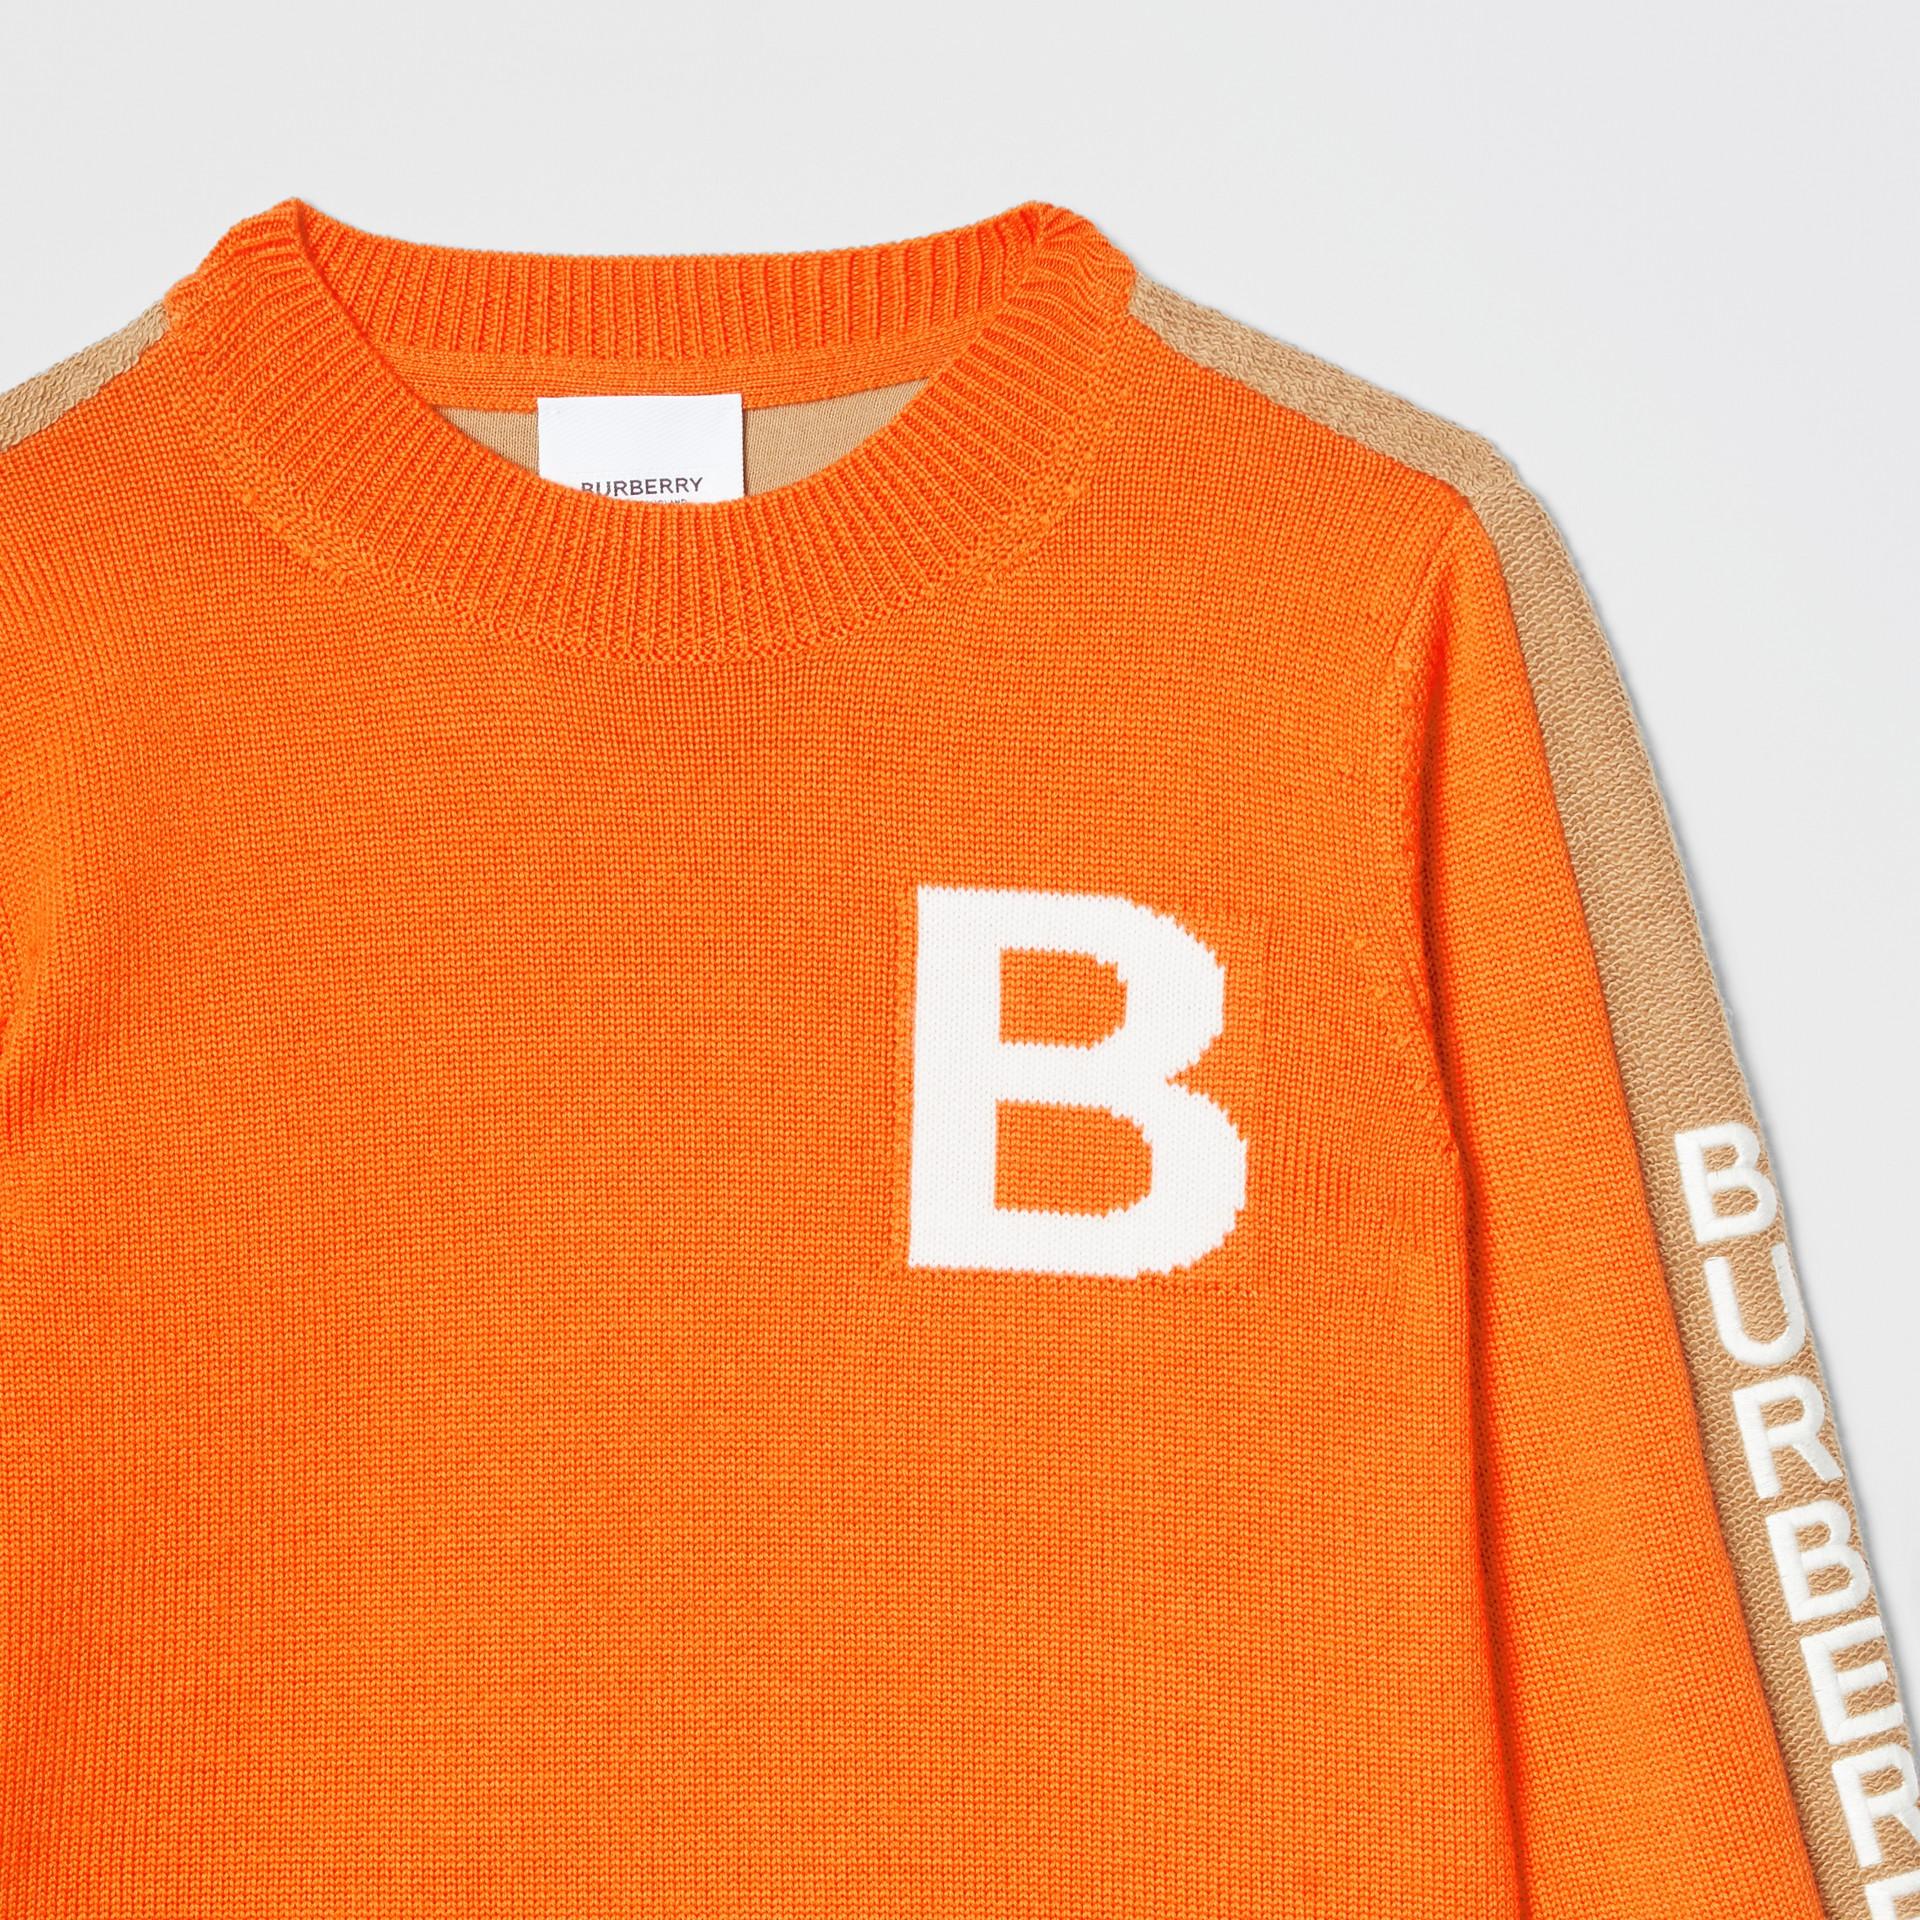 Bモチーフ メリノウール ジャカードセーター (ブライトオレンジ) | バーバリー - ギャラリーイメージ 5